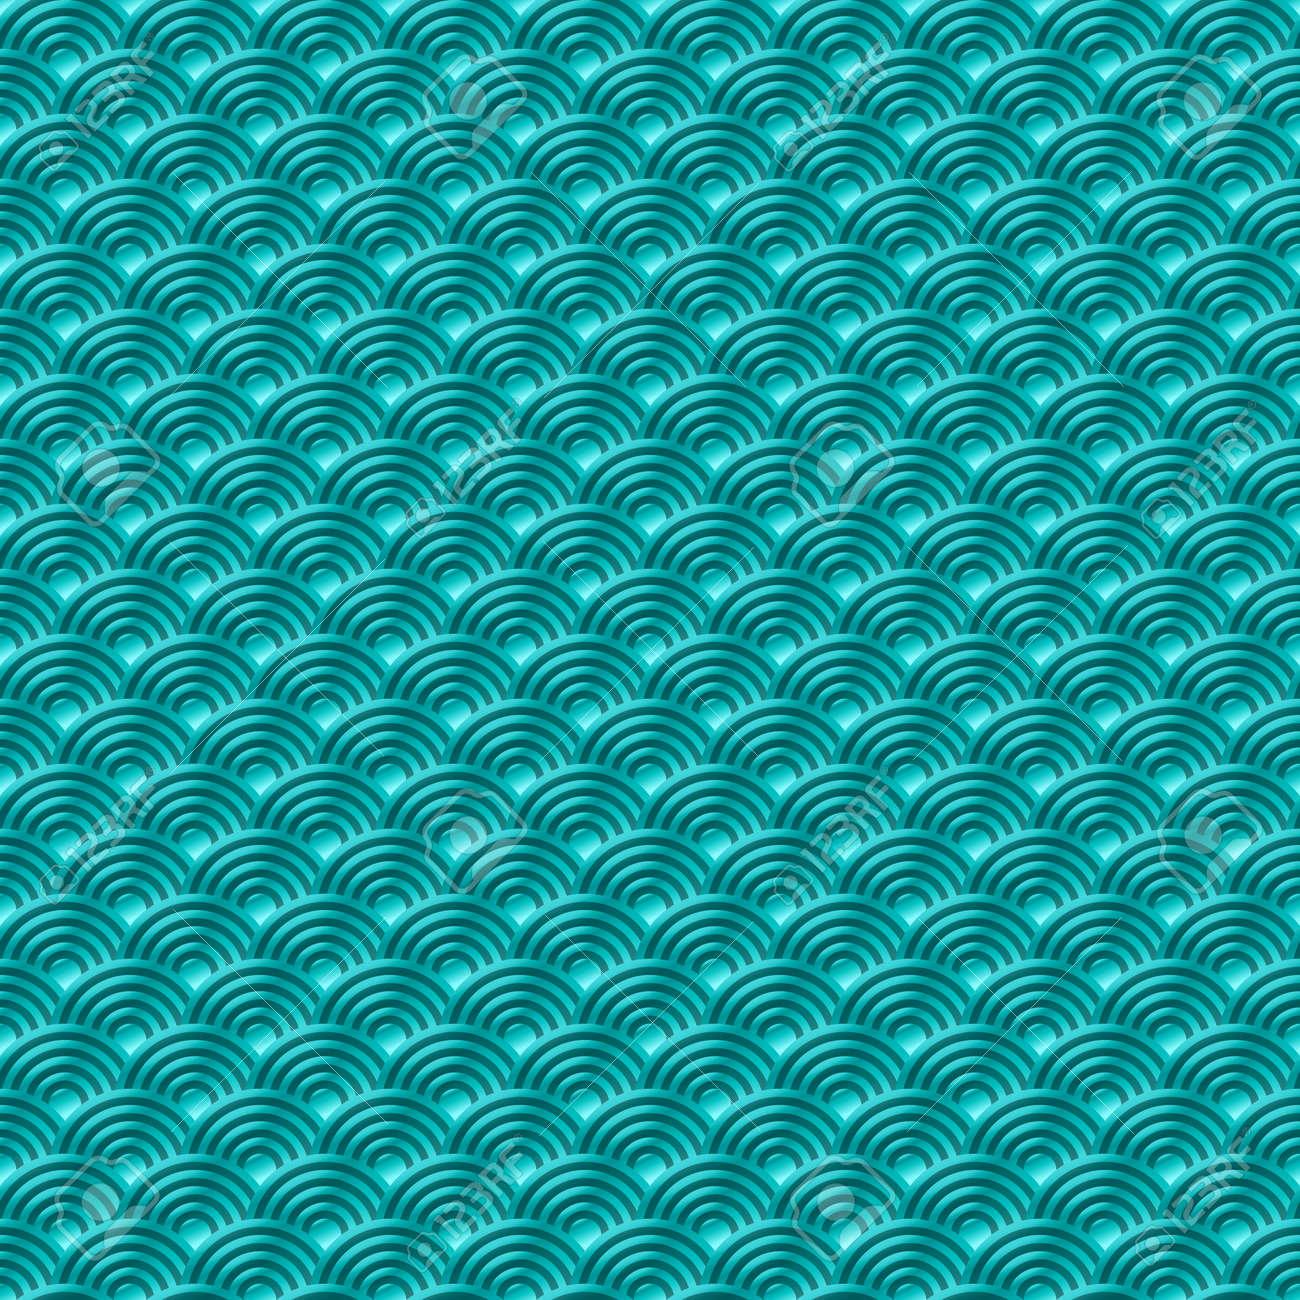 Vettoriale Cinese Blu Senza Soluzione Di Continuità Di Pesce